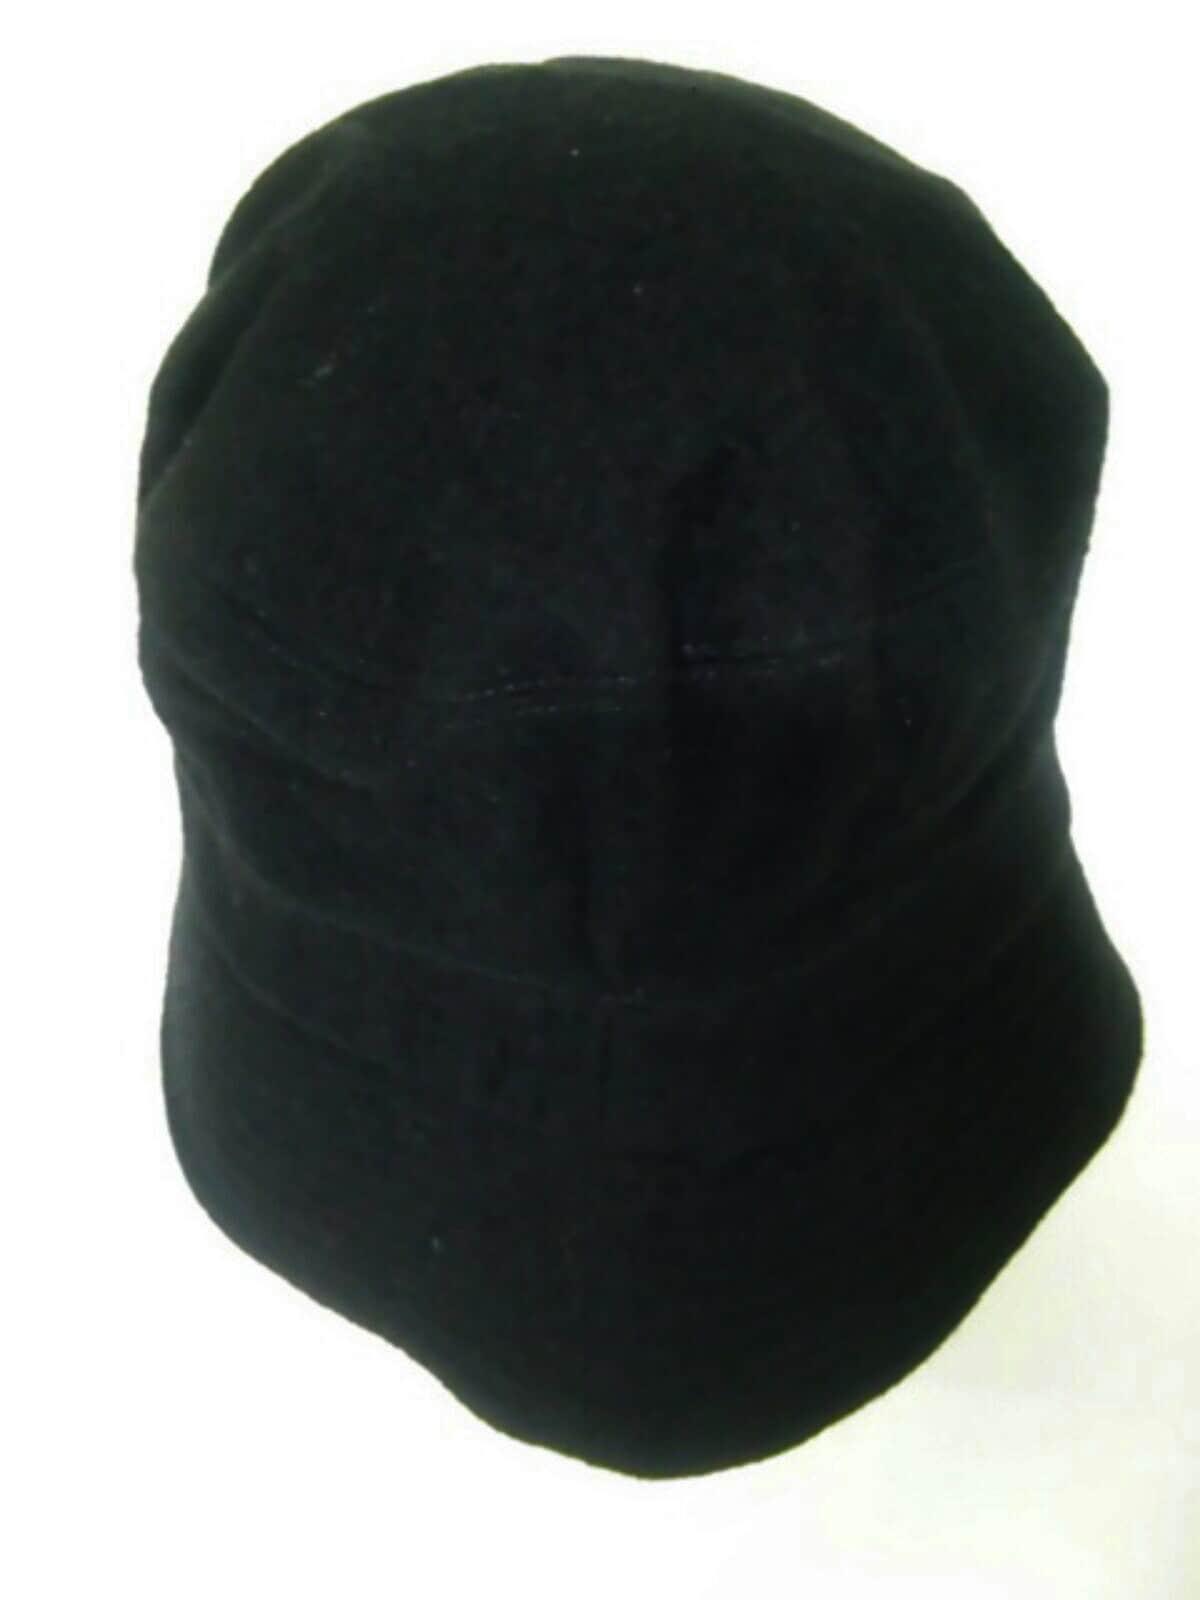 Plantation(プランテーション)の帽子